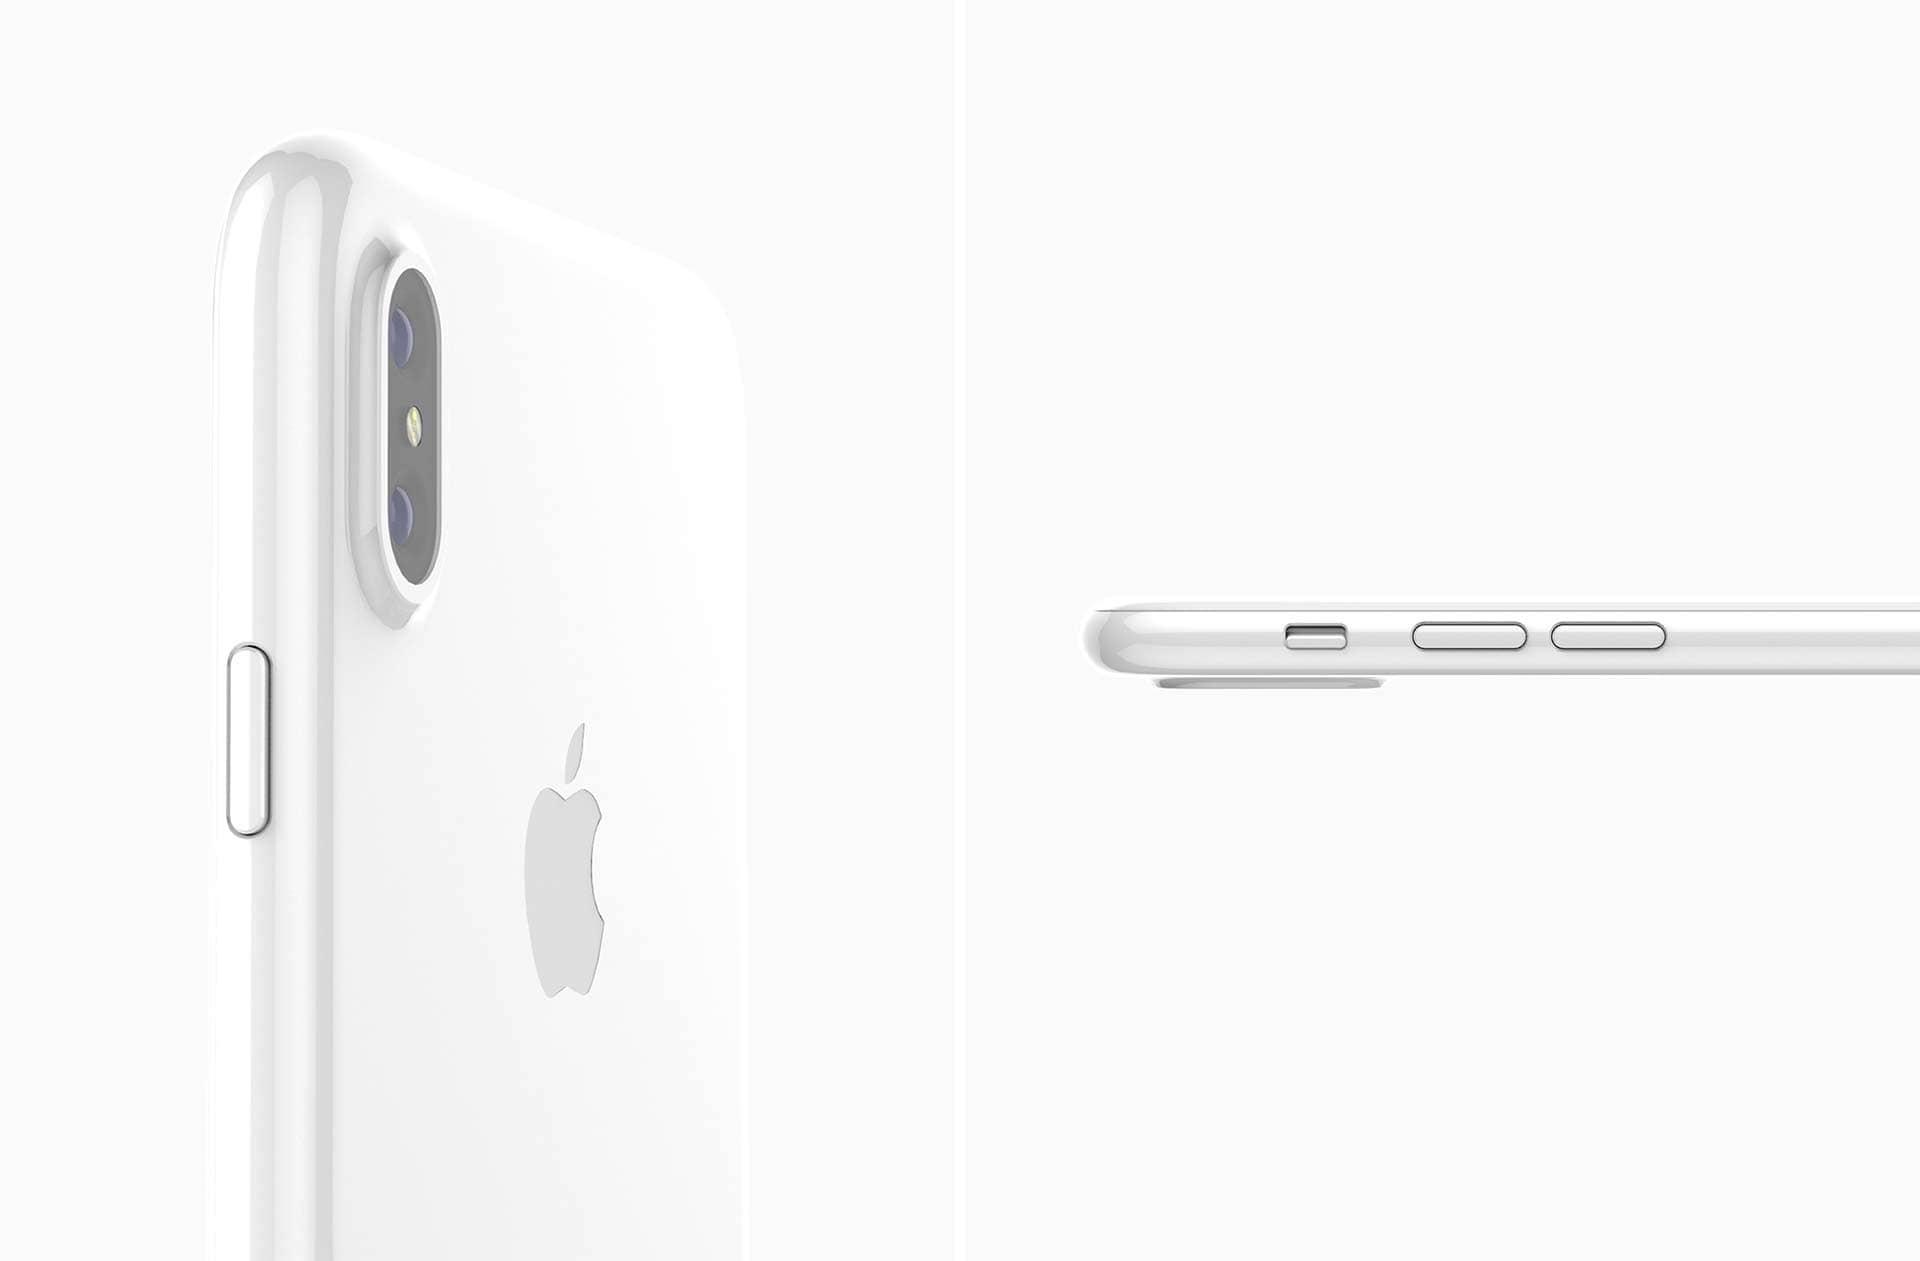 这儿关于iPhone8的一些干货知识想共享给大伙儿